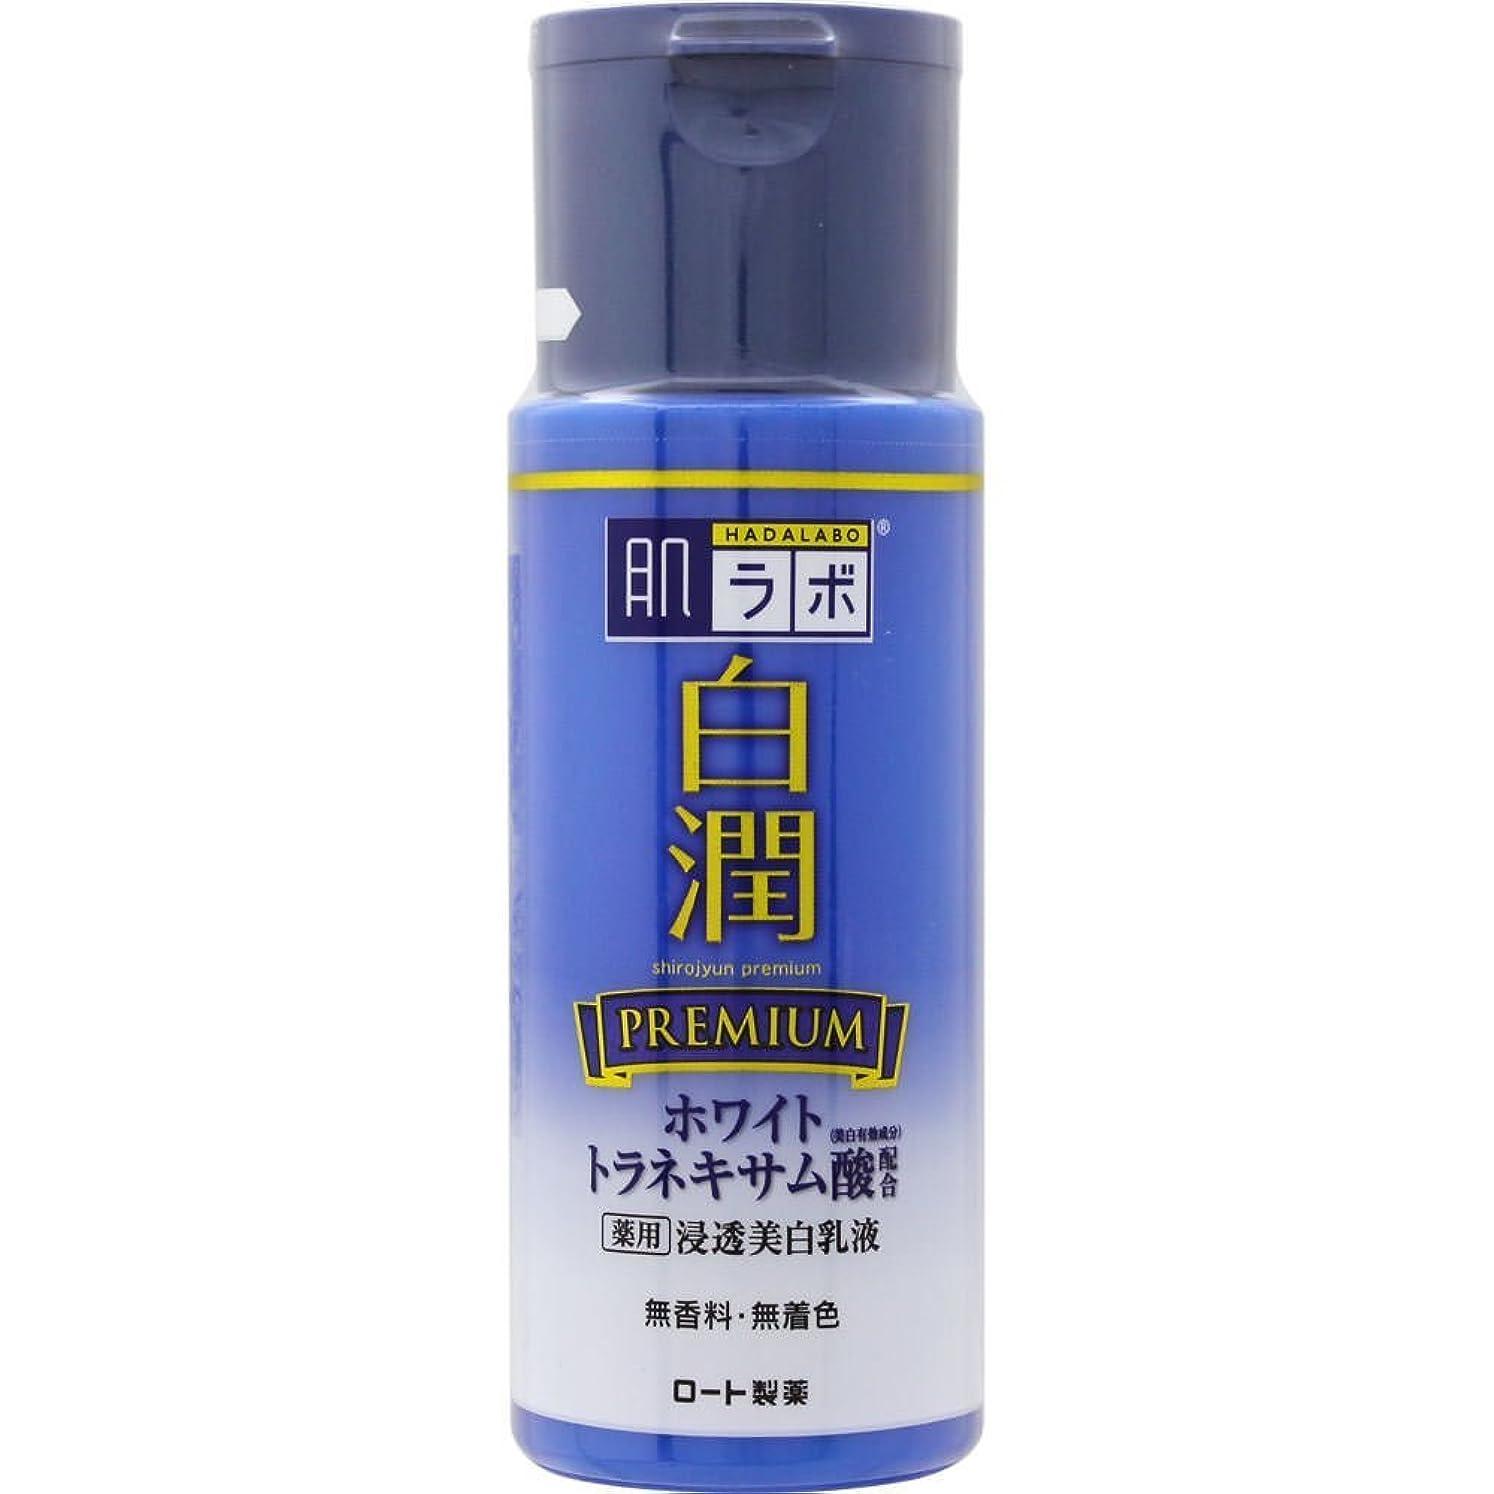 私たちボンド着実に肌ラボ 白潤プレミアム 薬用浸透美白乳液 140mL (医薬部外品)